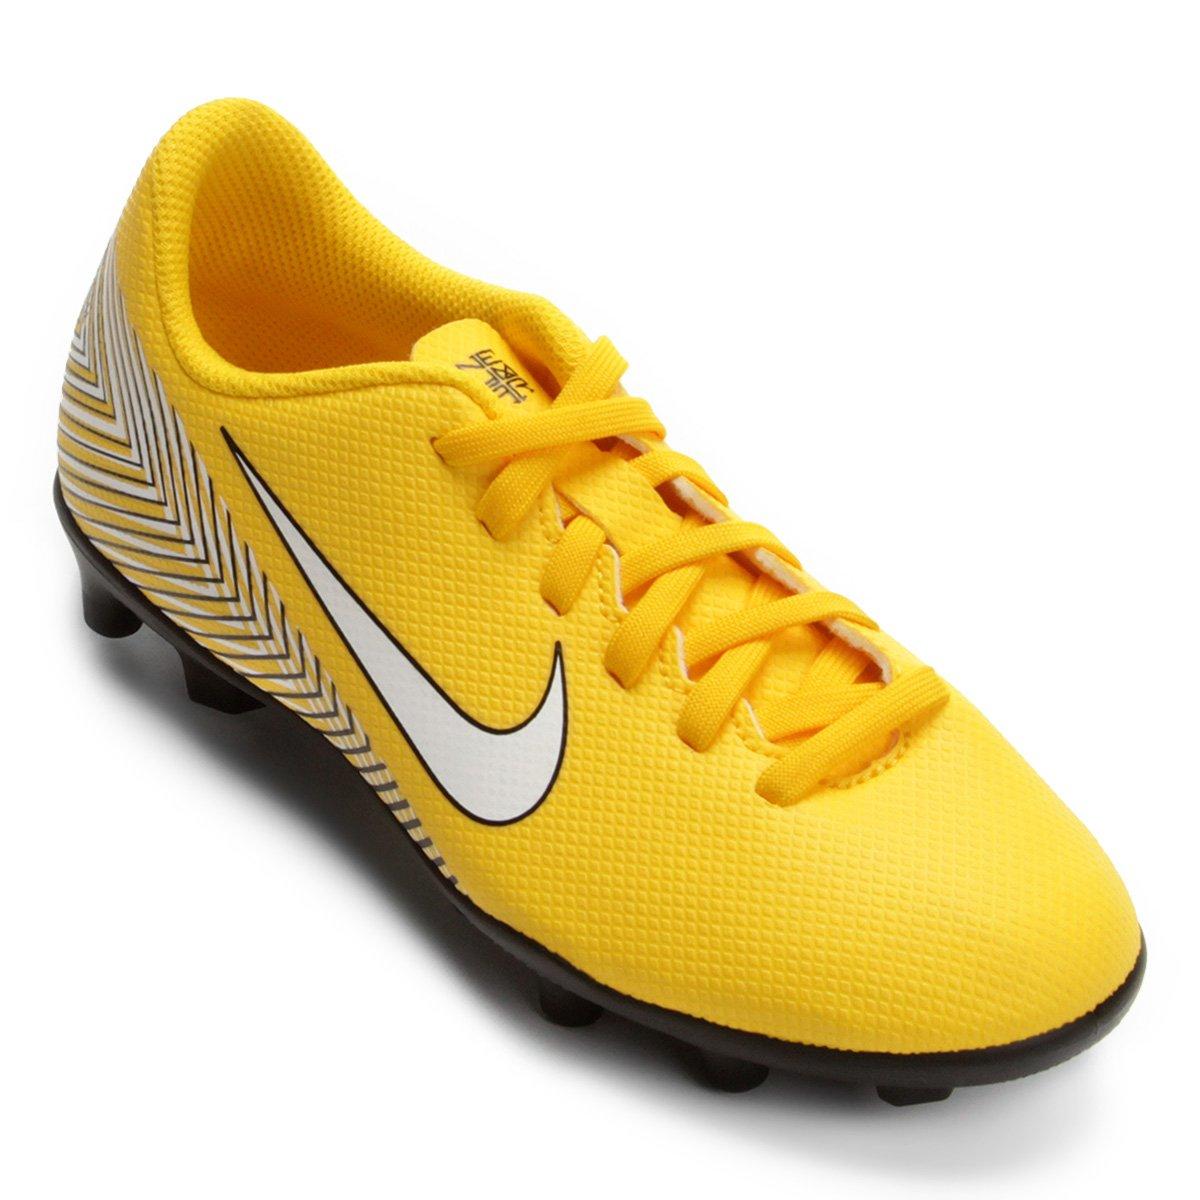 d520772a56 Chuteira Campo Infantil Nike Mercurial Vapor 12 Club GS Neymar FG ...